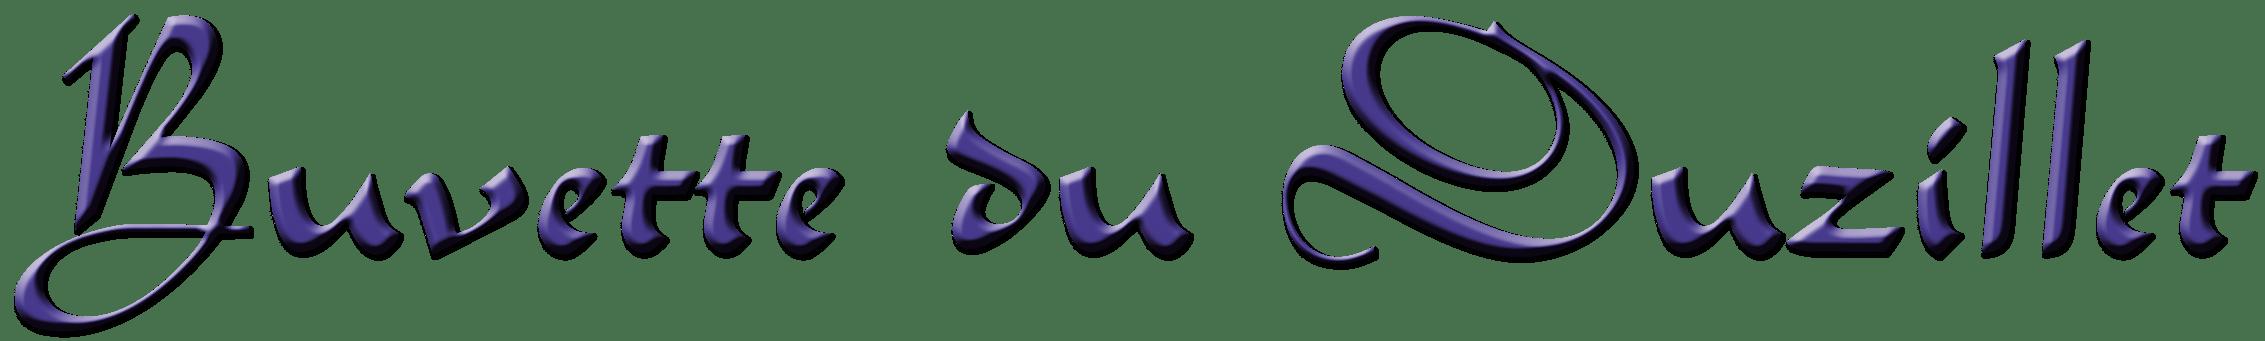 Buvette du Duzillet